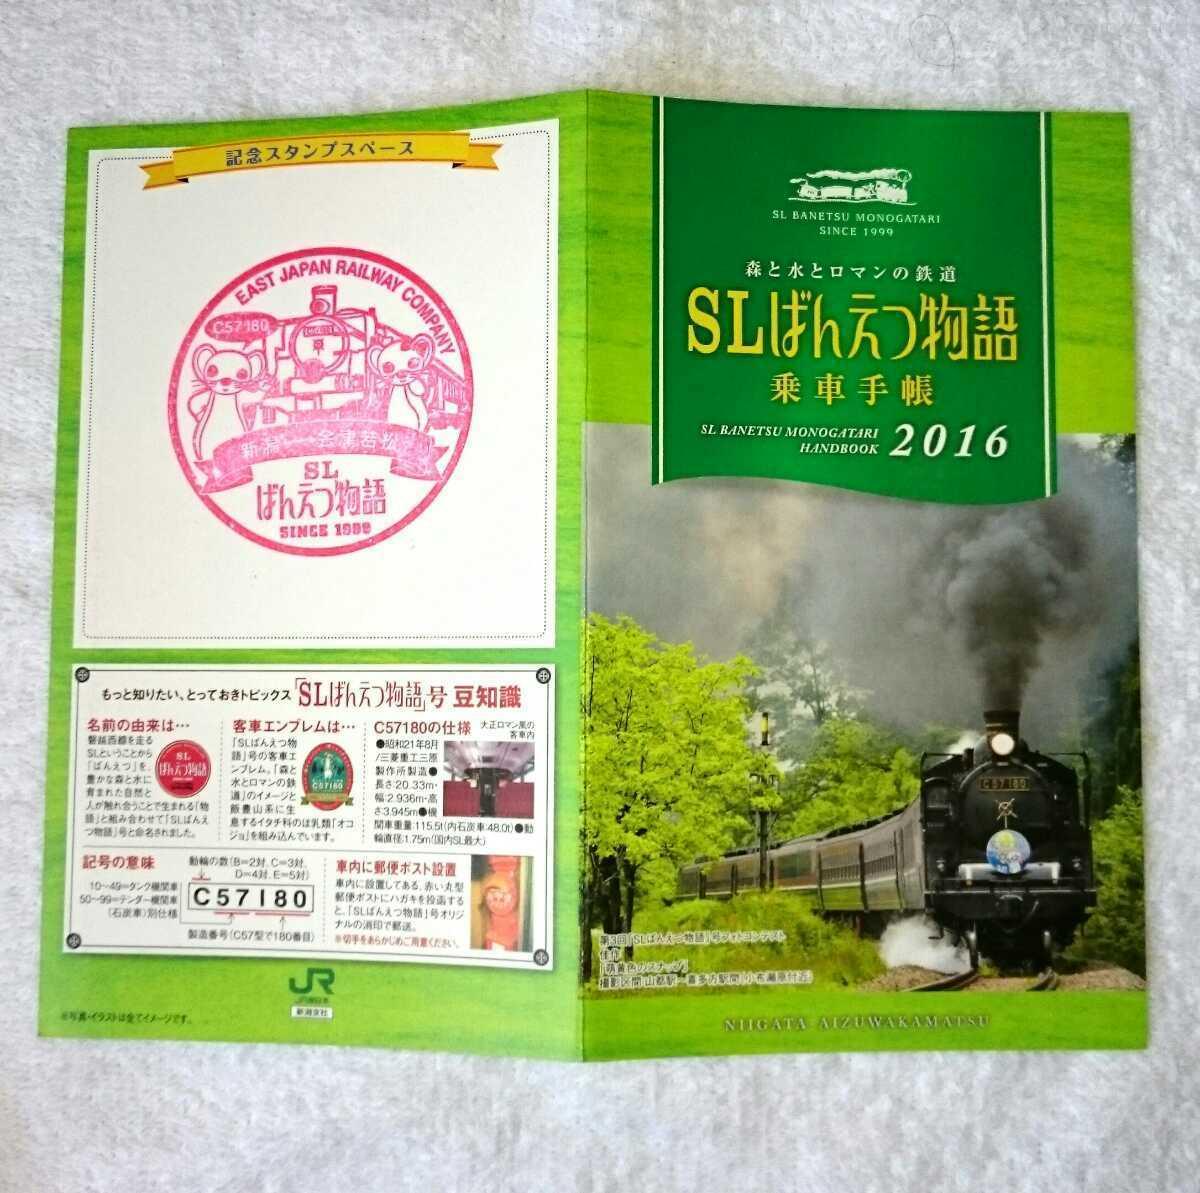 【限定】JR東日本 新潟支社 SLばんえつ物語 乗車手帳 2016・2冊セット_画像3